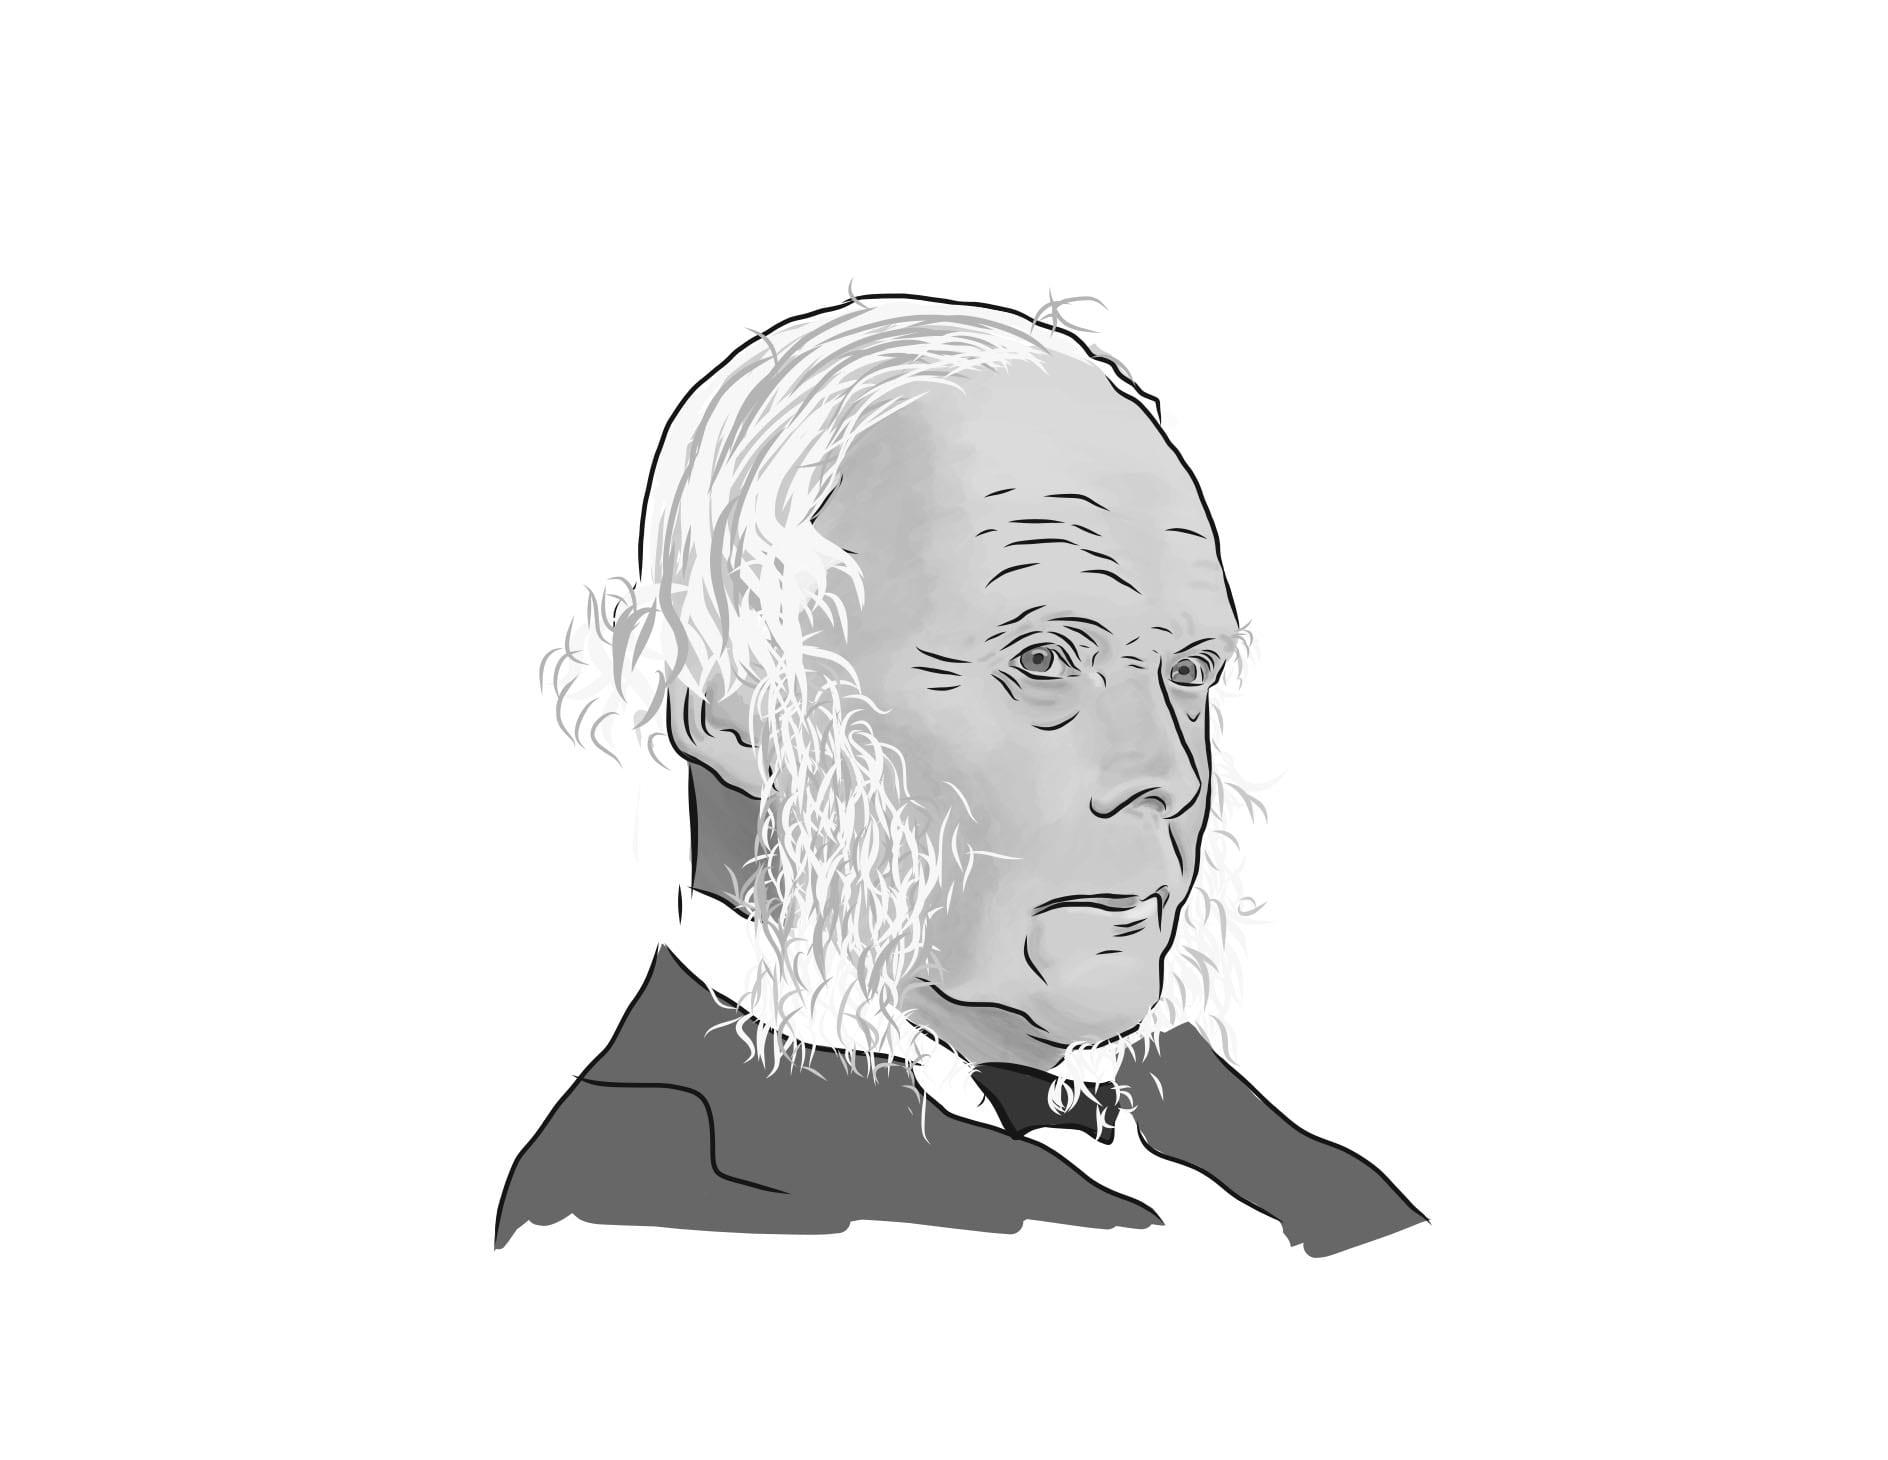 Lister portrait